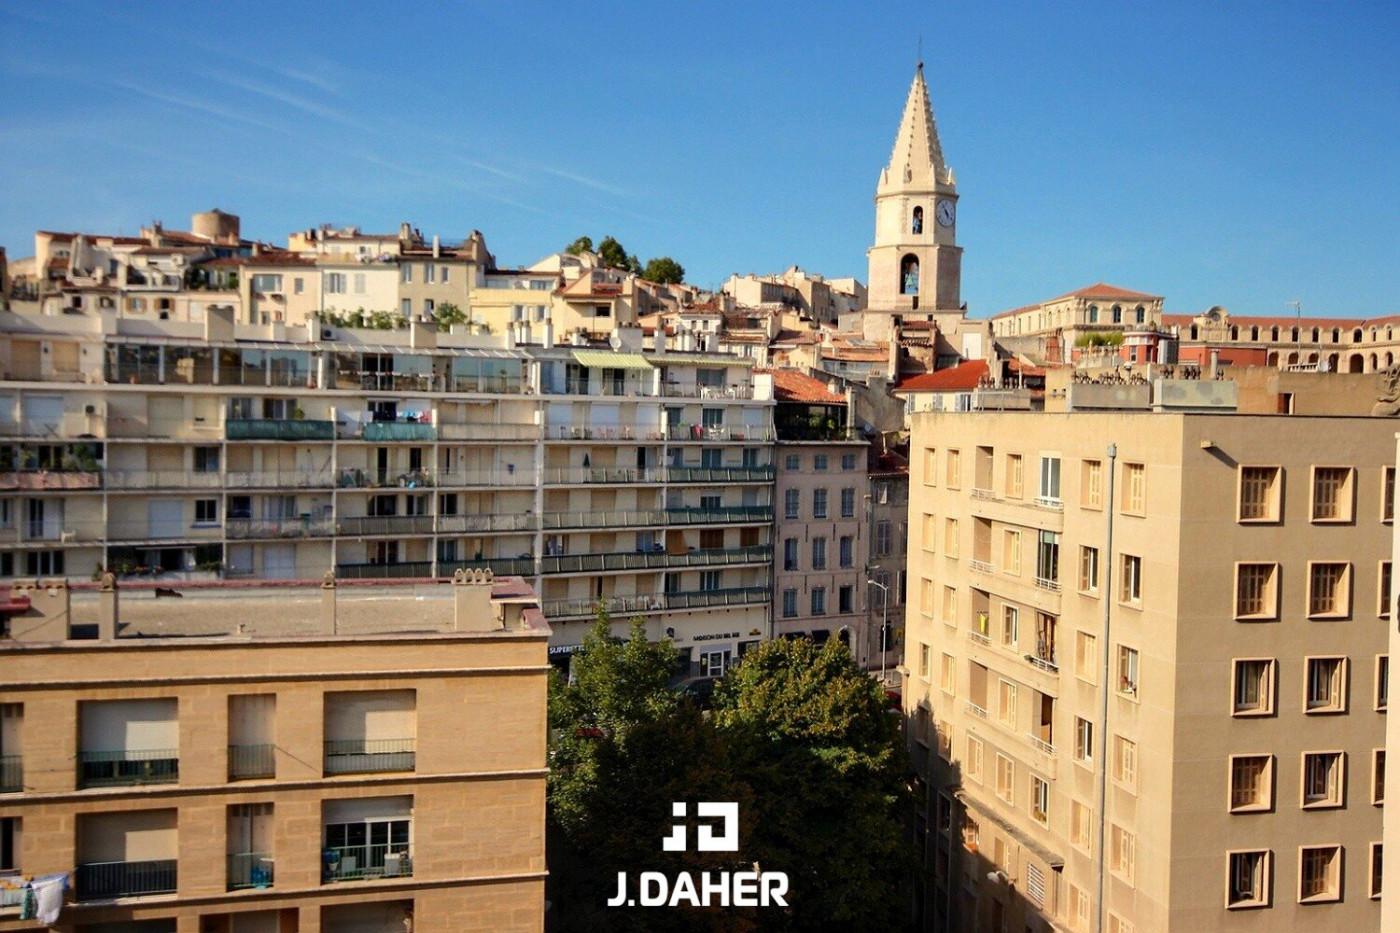 A vendre  Marseille 2eme Arrondissement | Réf 130251105 - J daher immobilier